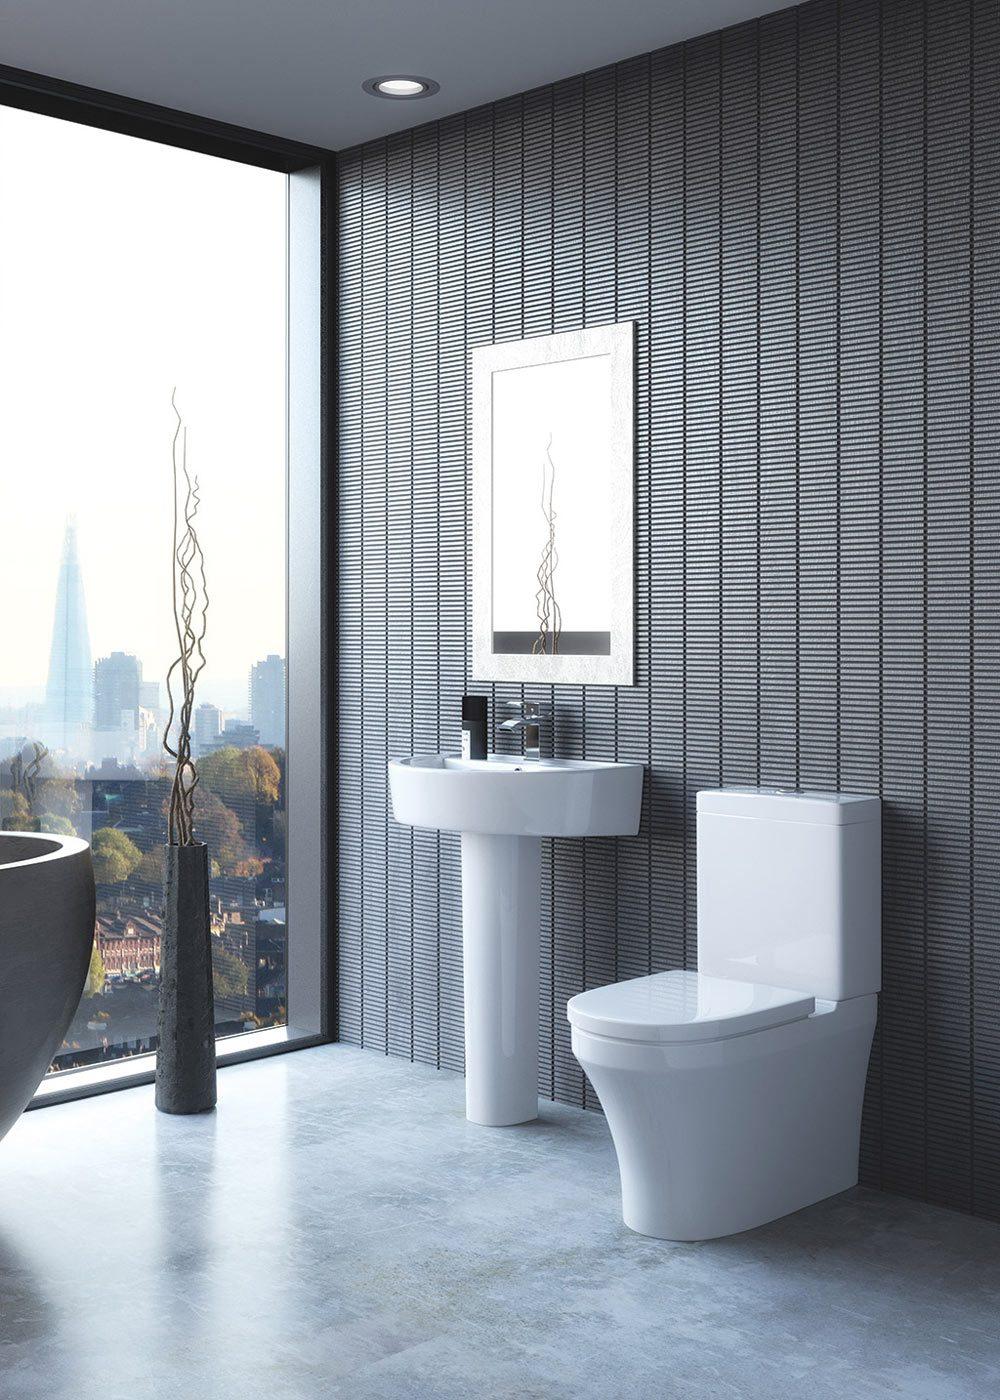 Kai Wcs Btw Baths Tiles Woodfloors